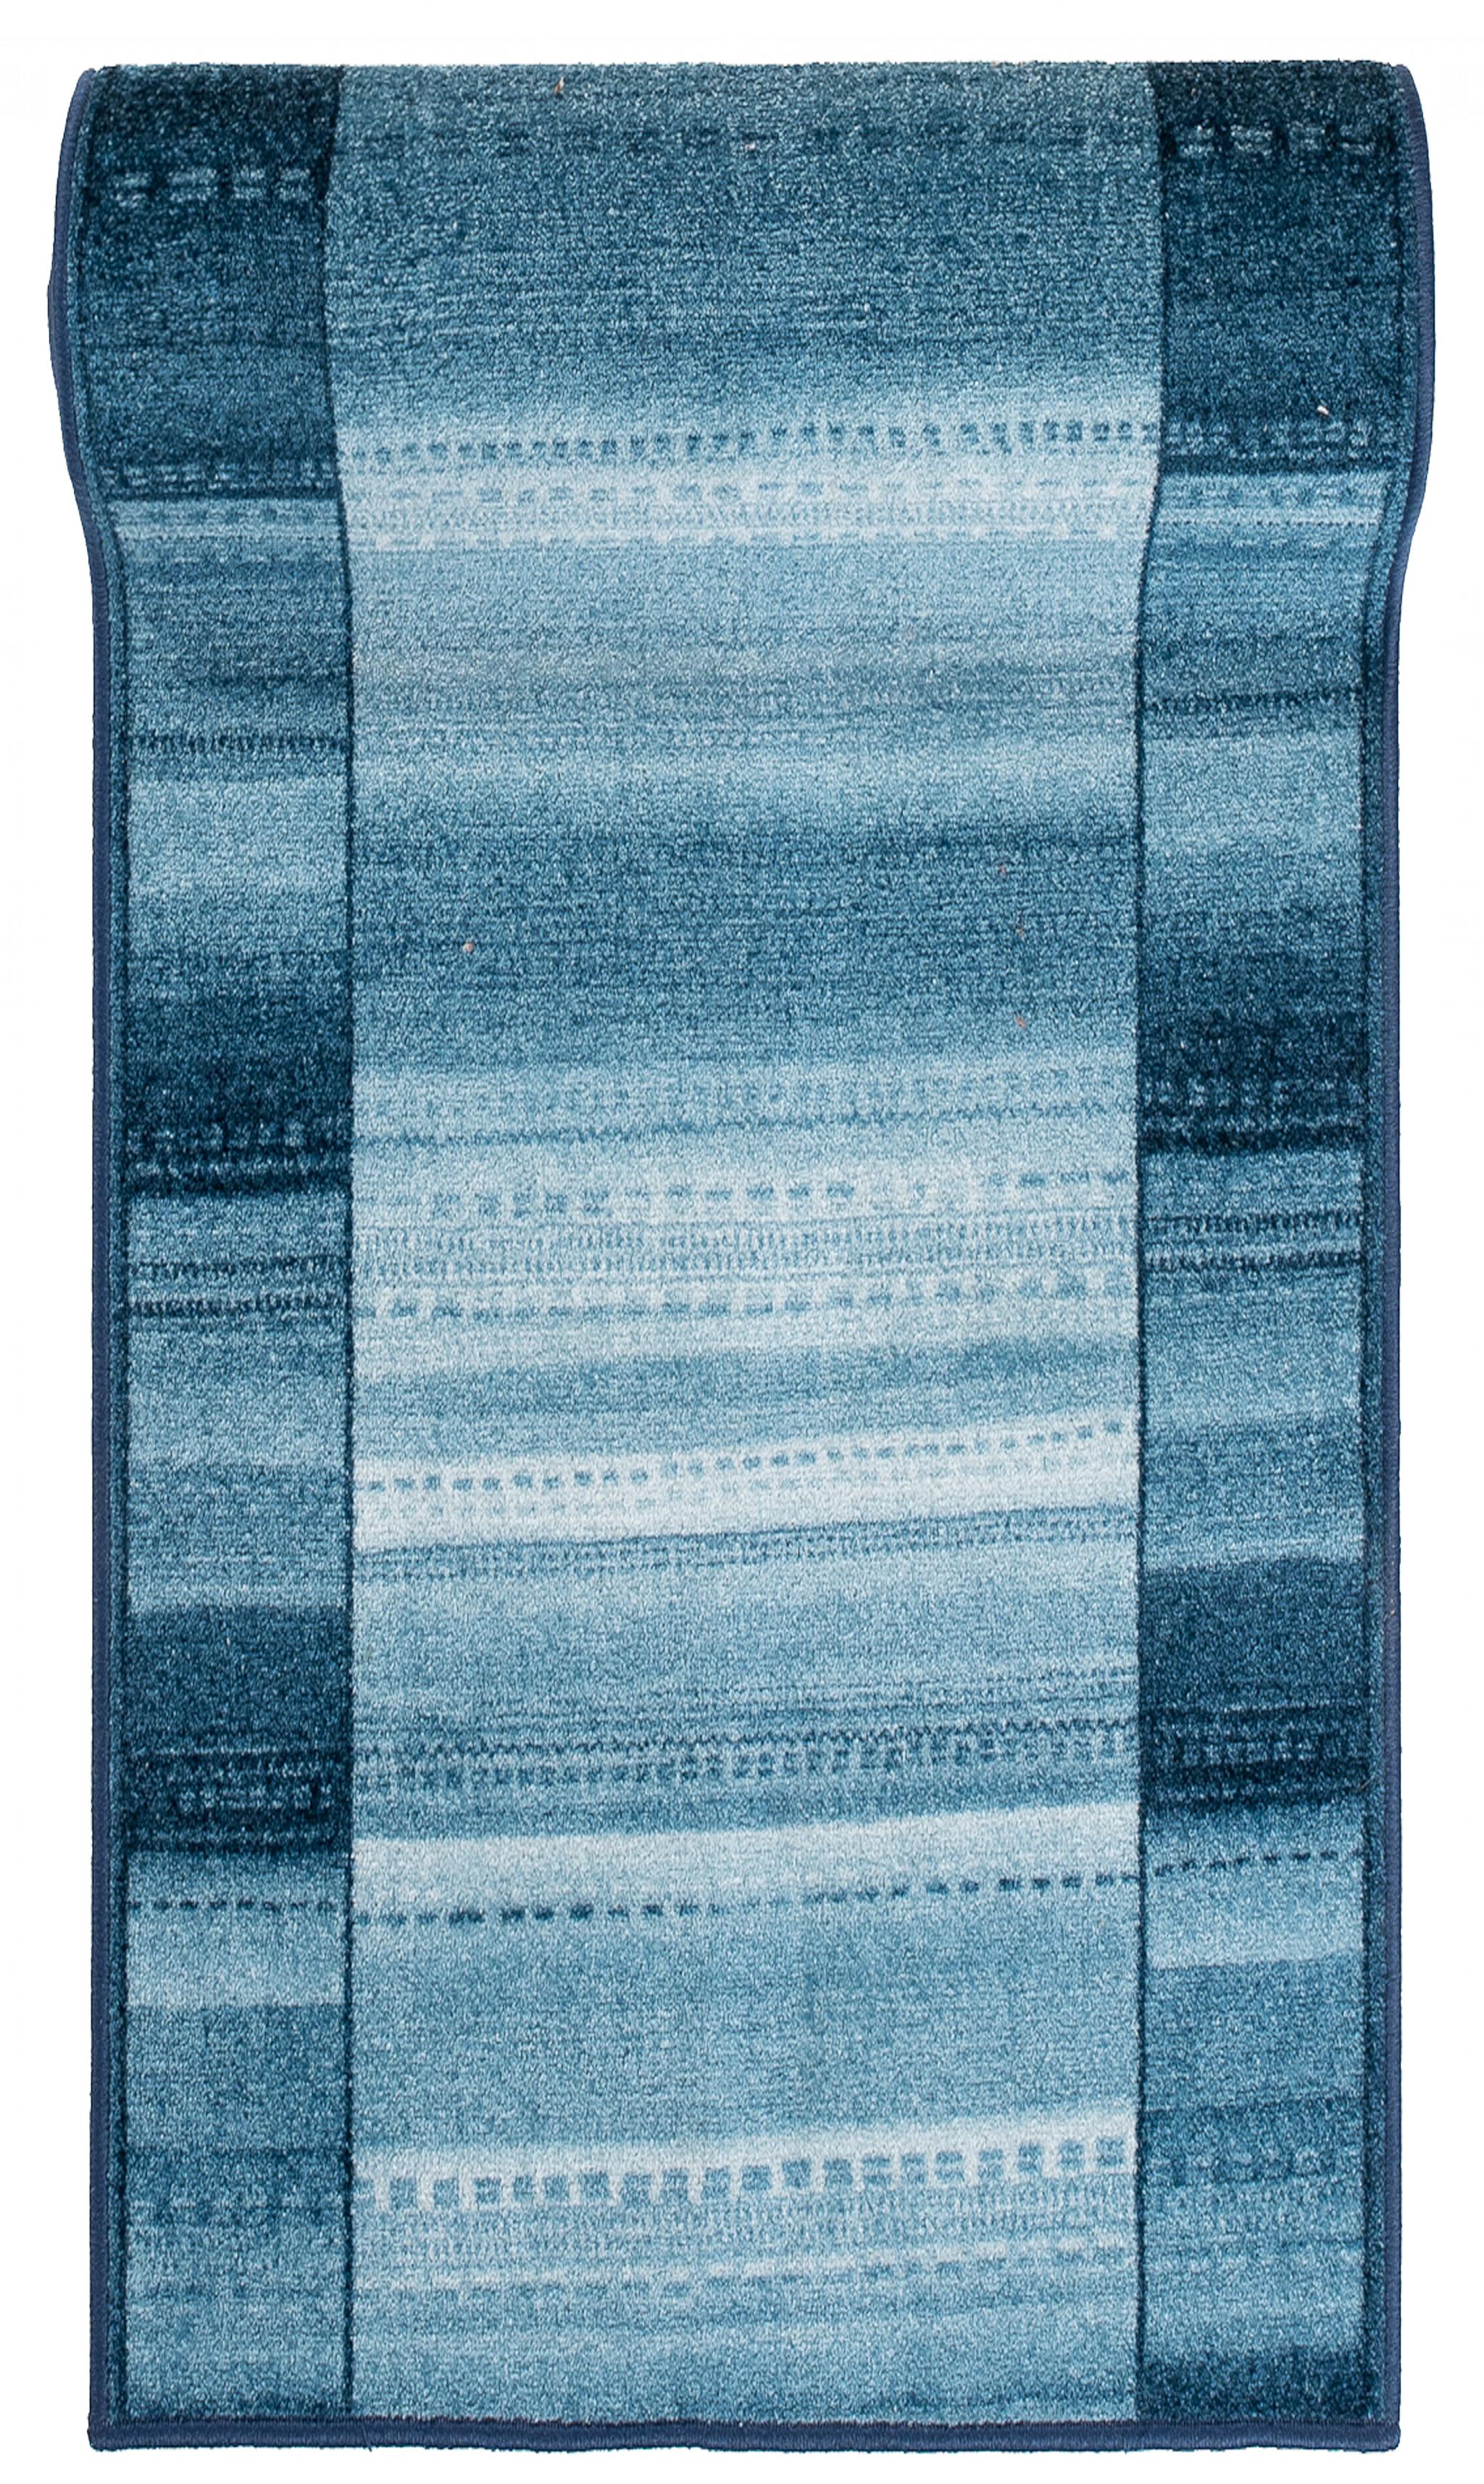 Chodnik nowoczesny 75 PERU (NEPTUNE) - niebieski